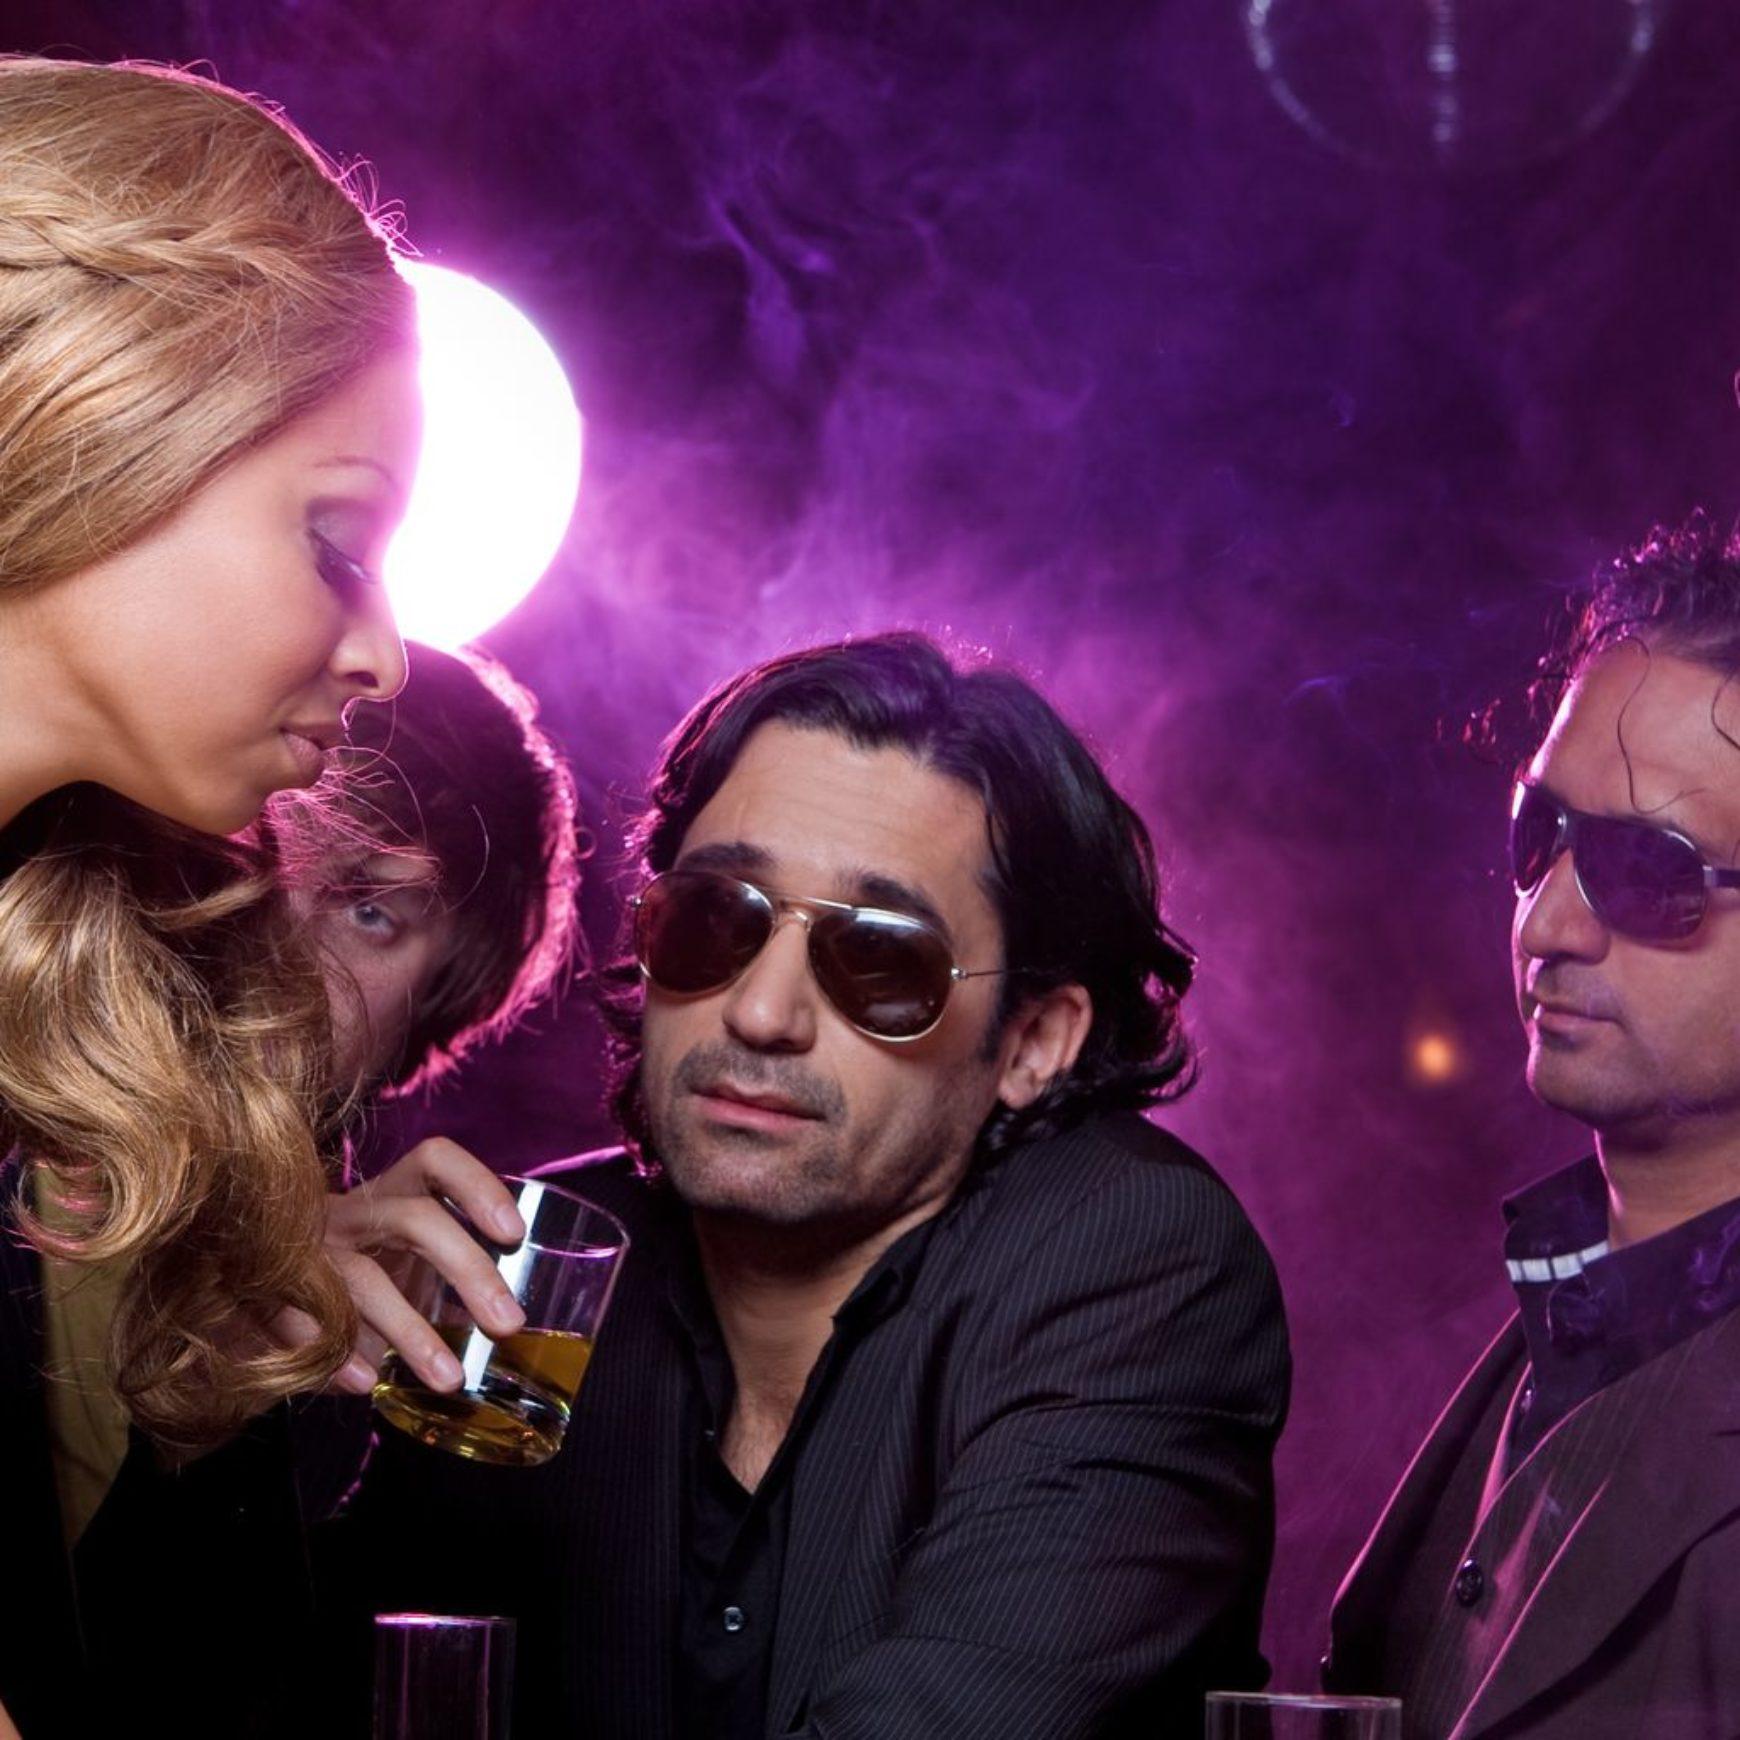 Impreza firmowa dla szefa – co powinno się na niej znaleźć?